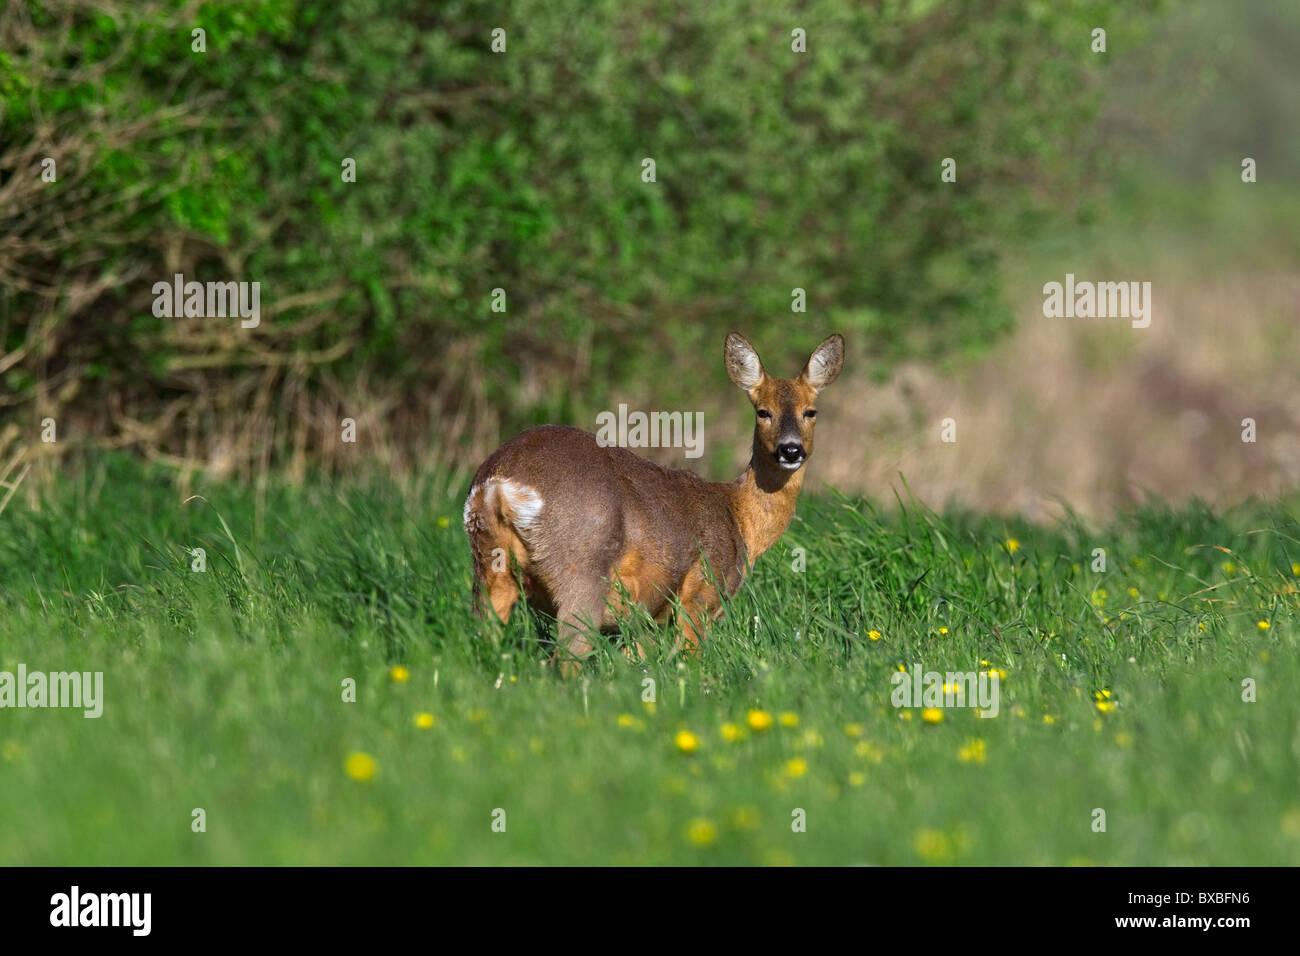 Roe deer (Capreolus capreolus) in meadow, Europe - Stock Image